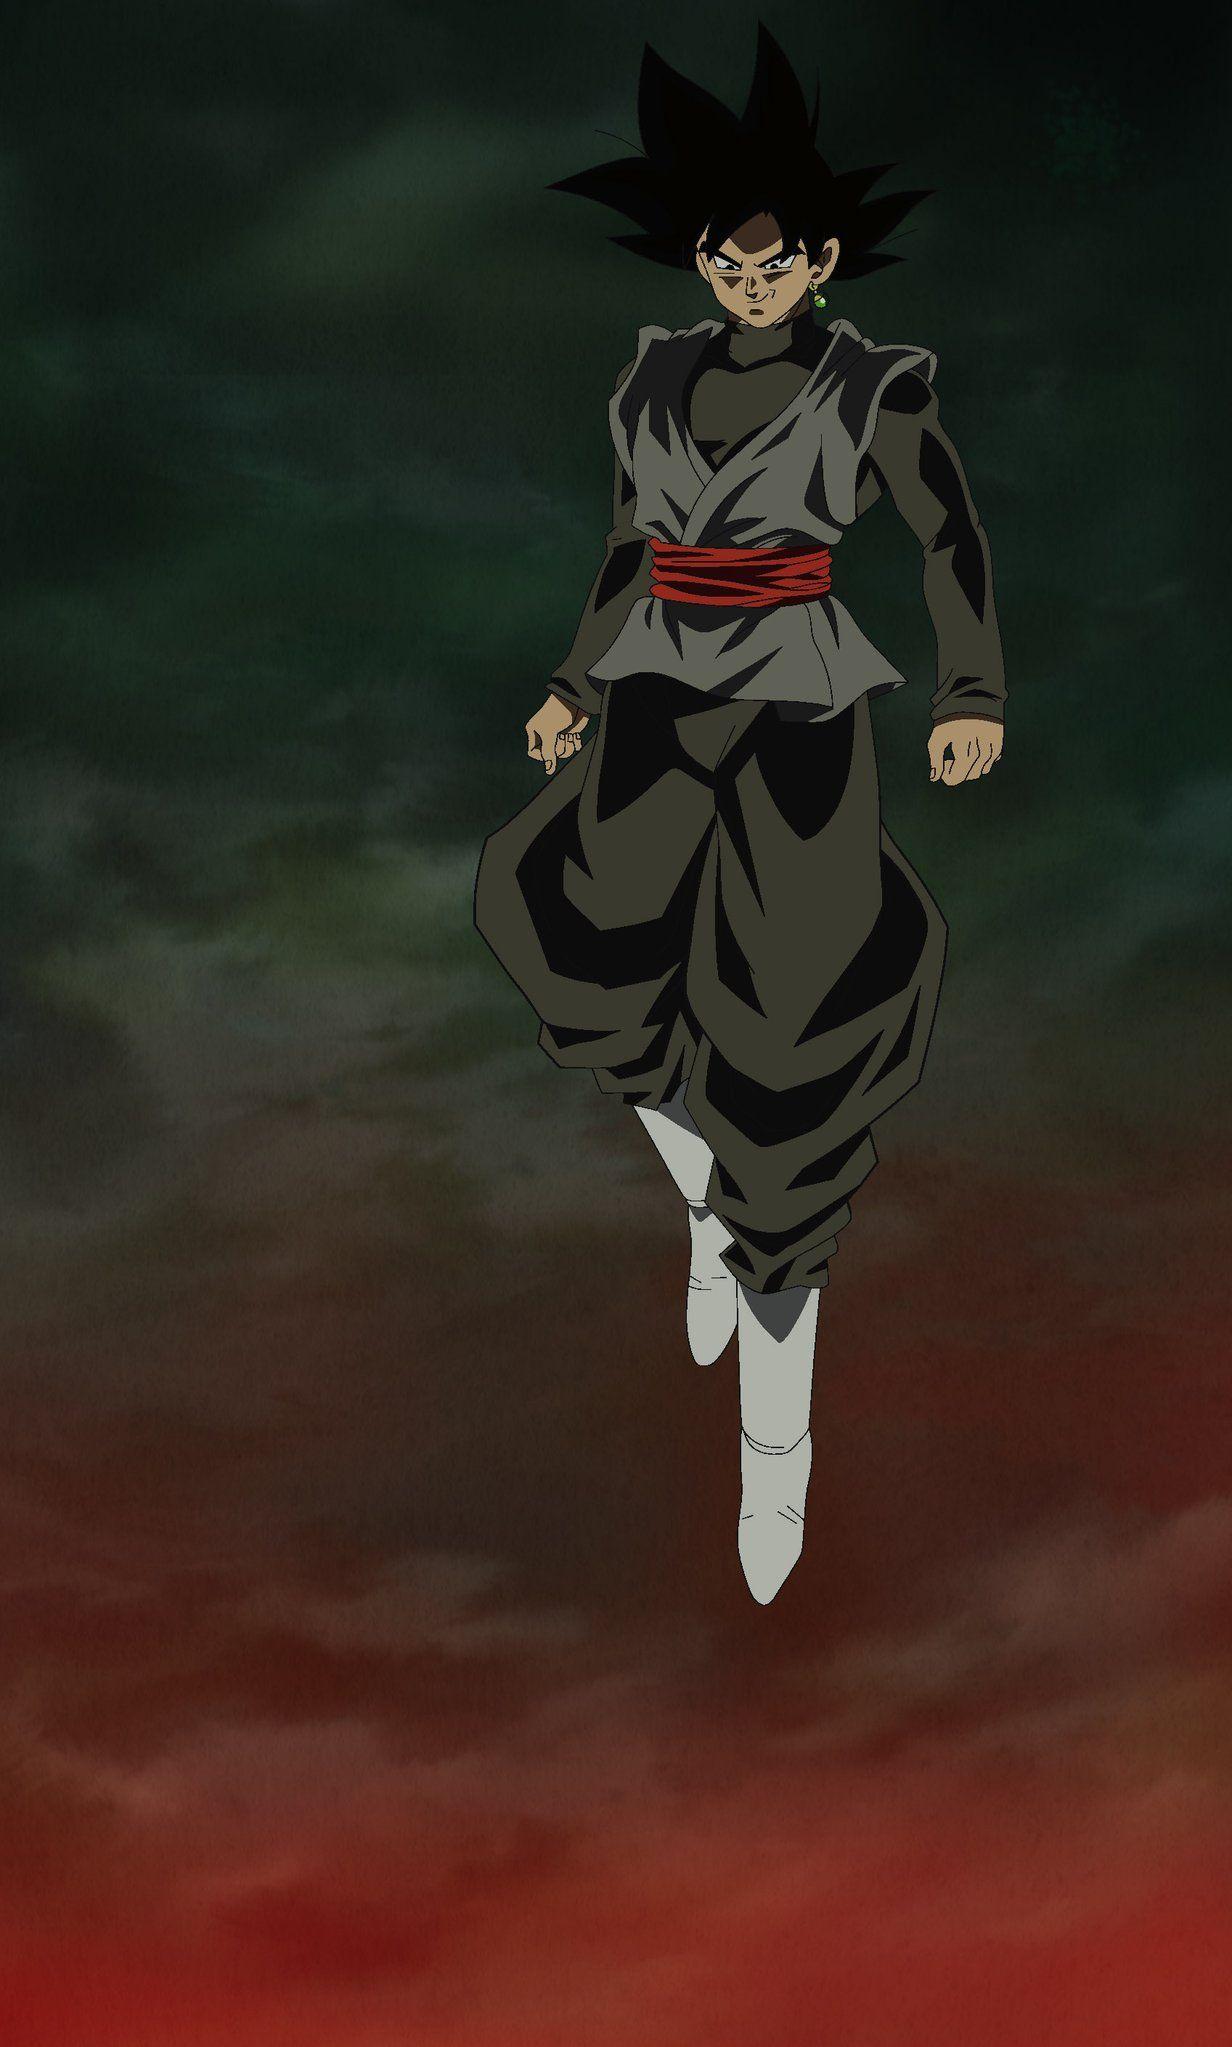 Toei Animation On Twitter Anime Hintergrunde Dragon Ball Anime